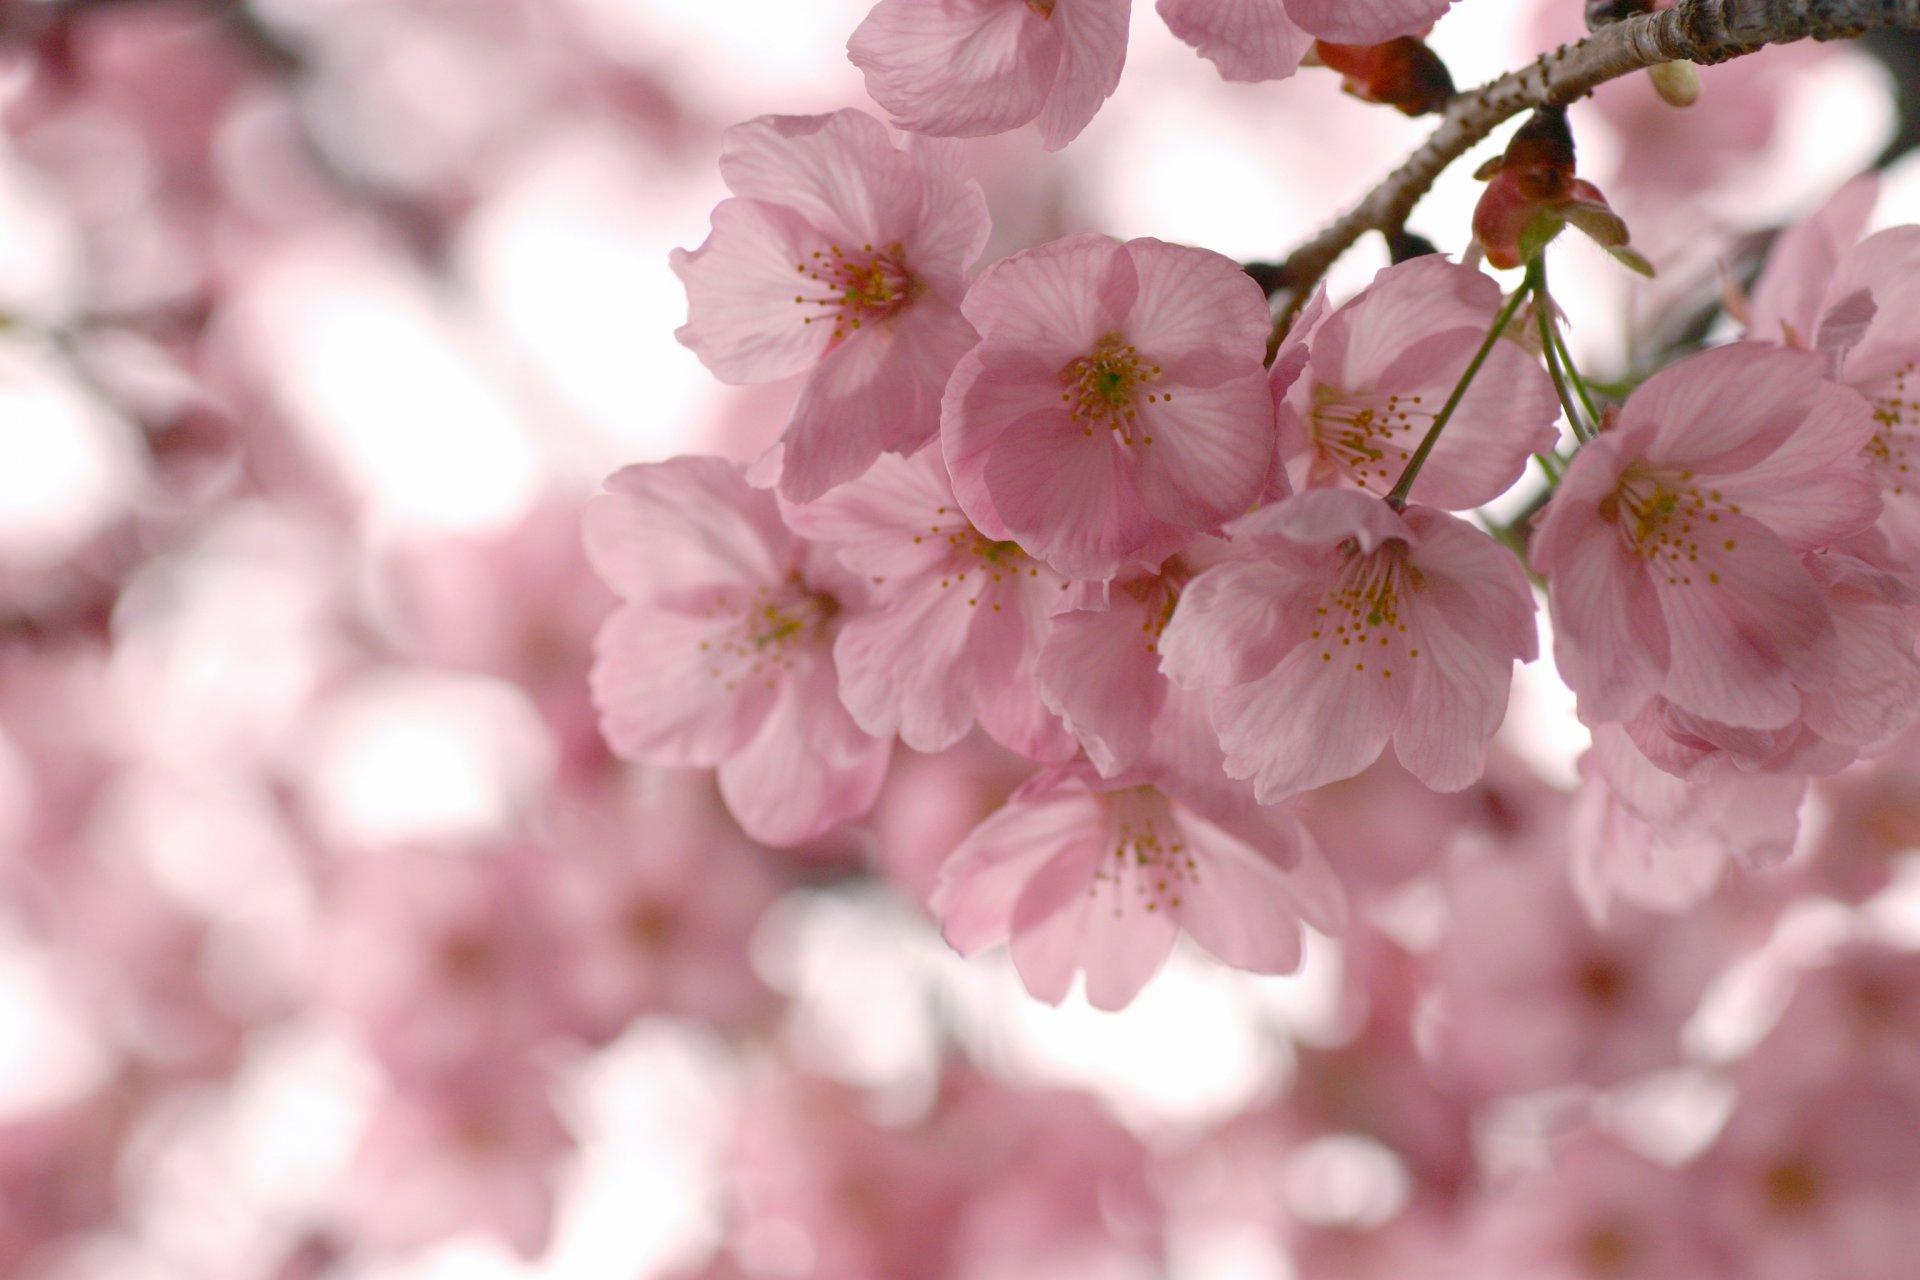 весна фото обои для мобильника все своё